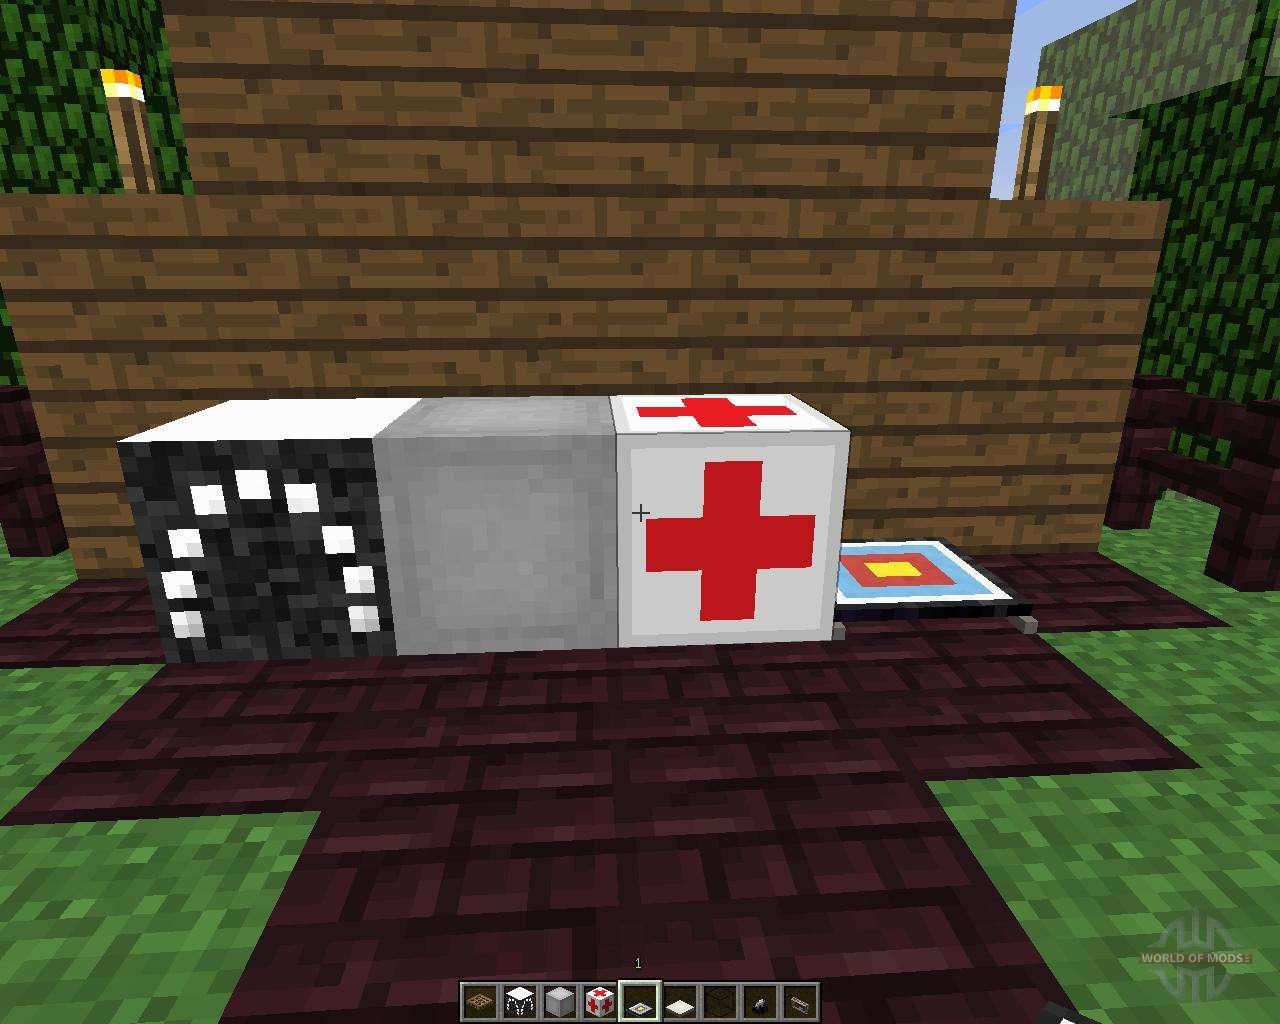 Скачать мод OpenBlocks для Minecraft 1.7.2 » Лучшие ...